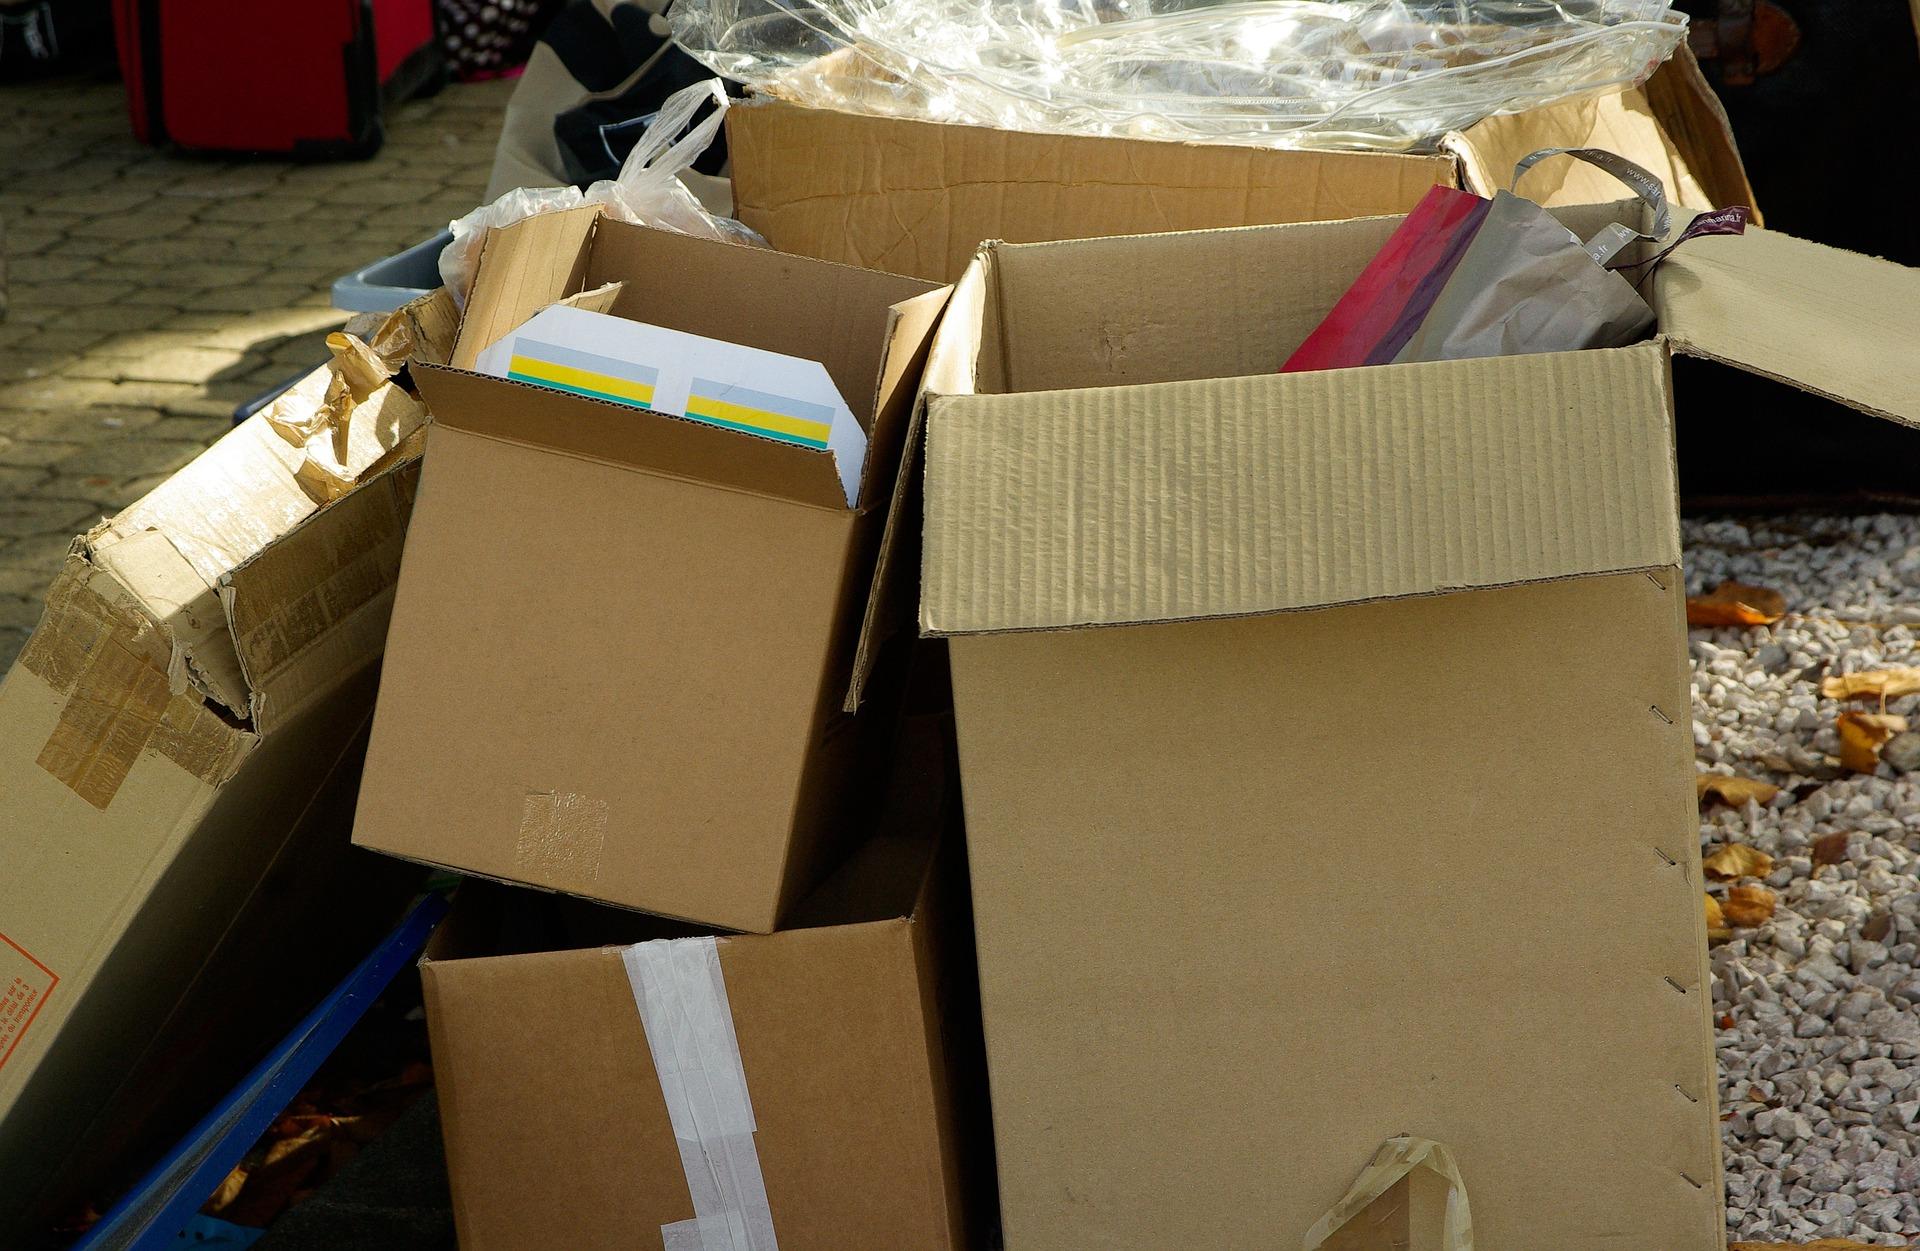 kartony, śmieci, pakowania, pudełka.